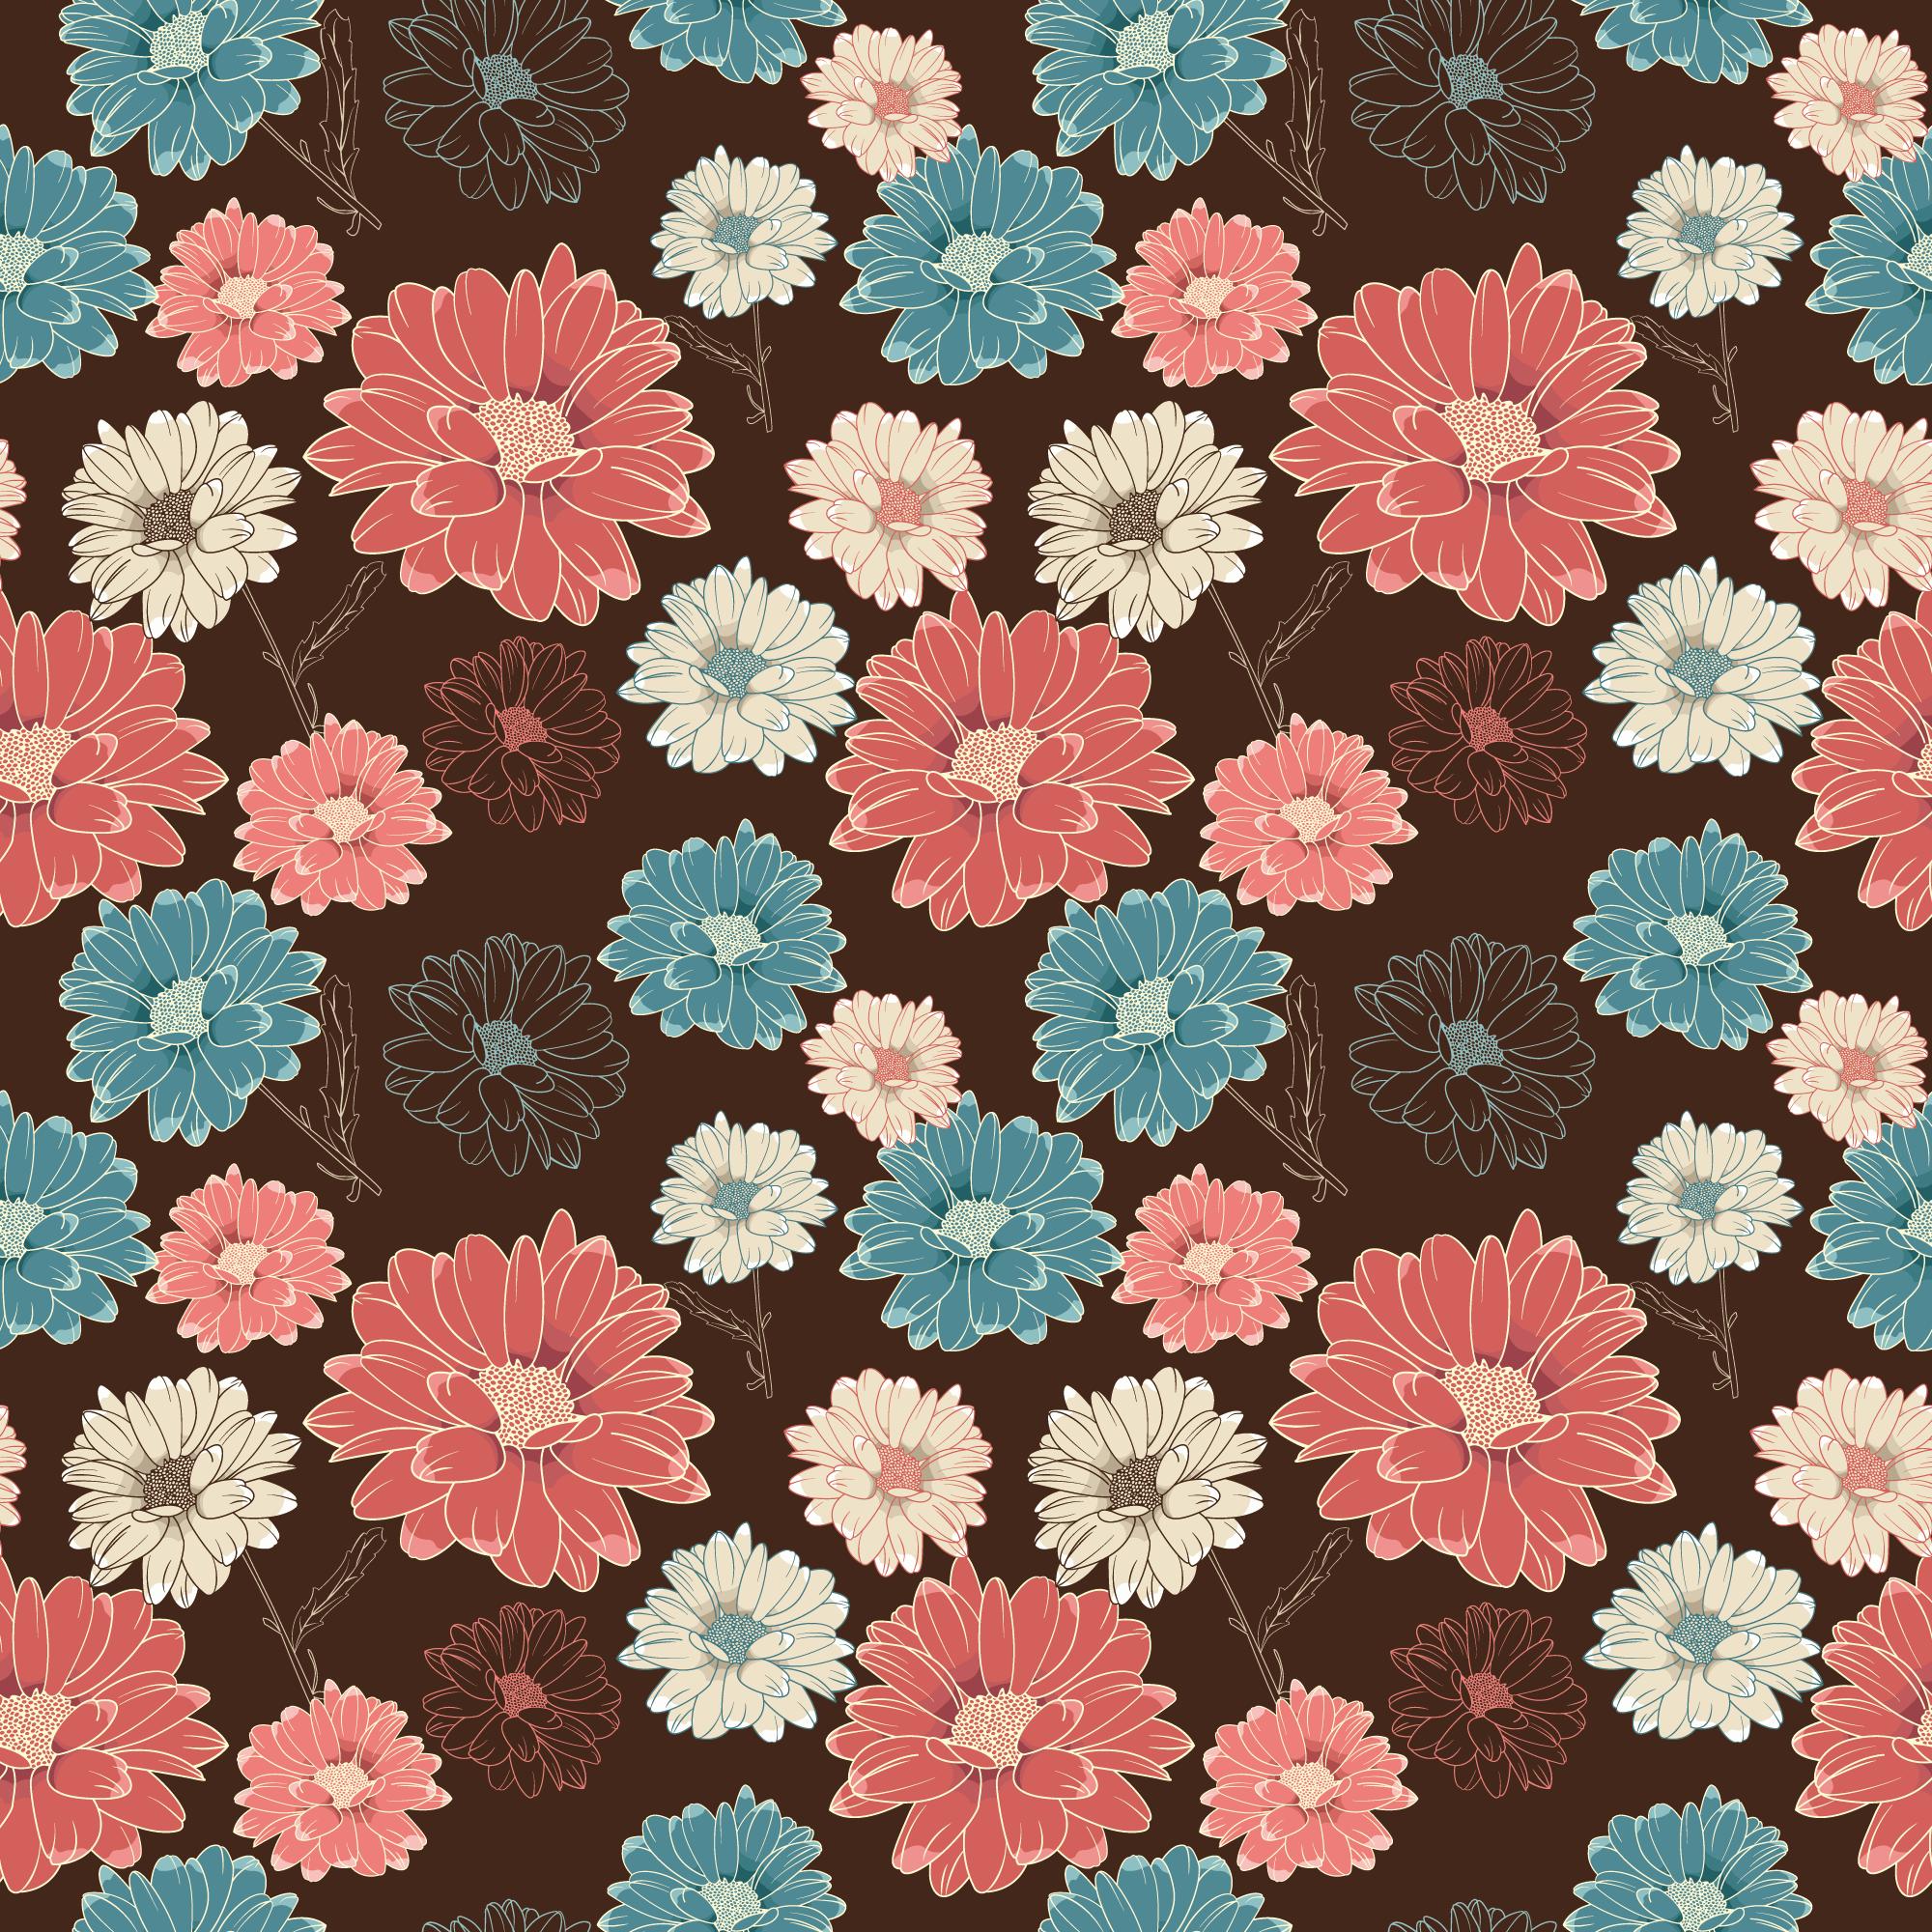 秋のイラストno177菊の花 壁紙無料のフリー素材集花鳥風月